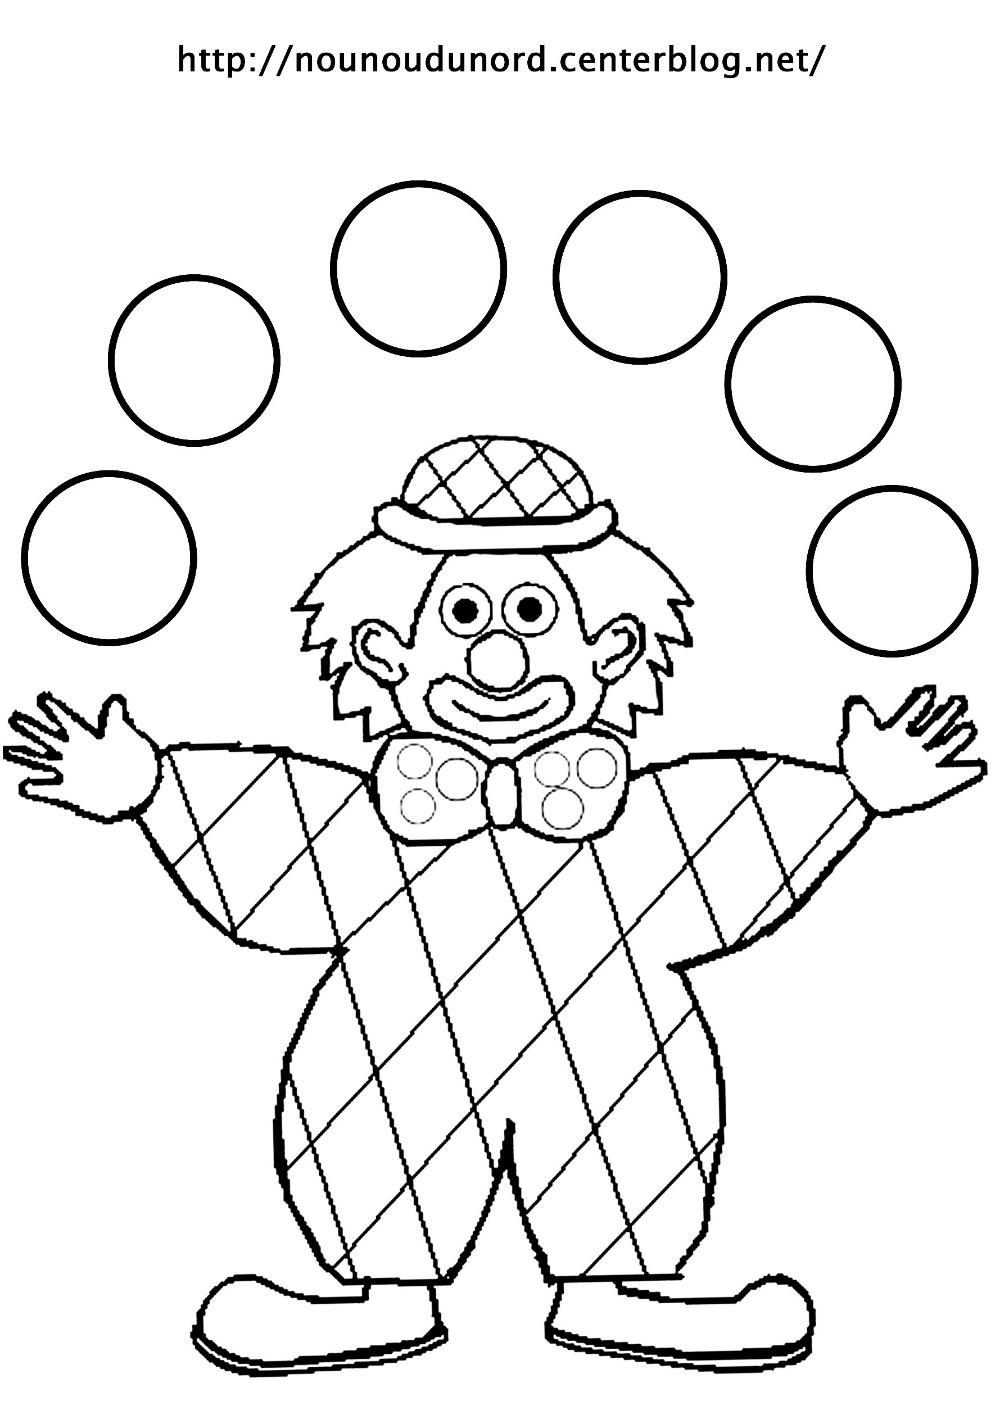 Clown 16 Personnages Coloriages A Imprimer A Coloriage Clown A Imprimer Plageiledyeu Club Coloriage Clown Coloriage Carnaval Coloriage